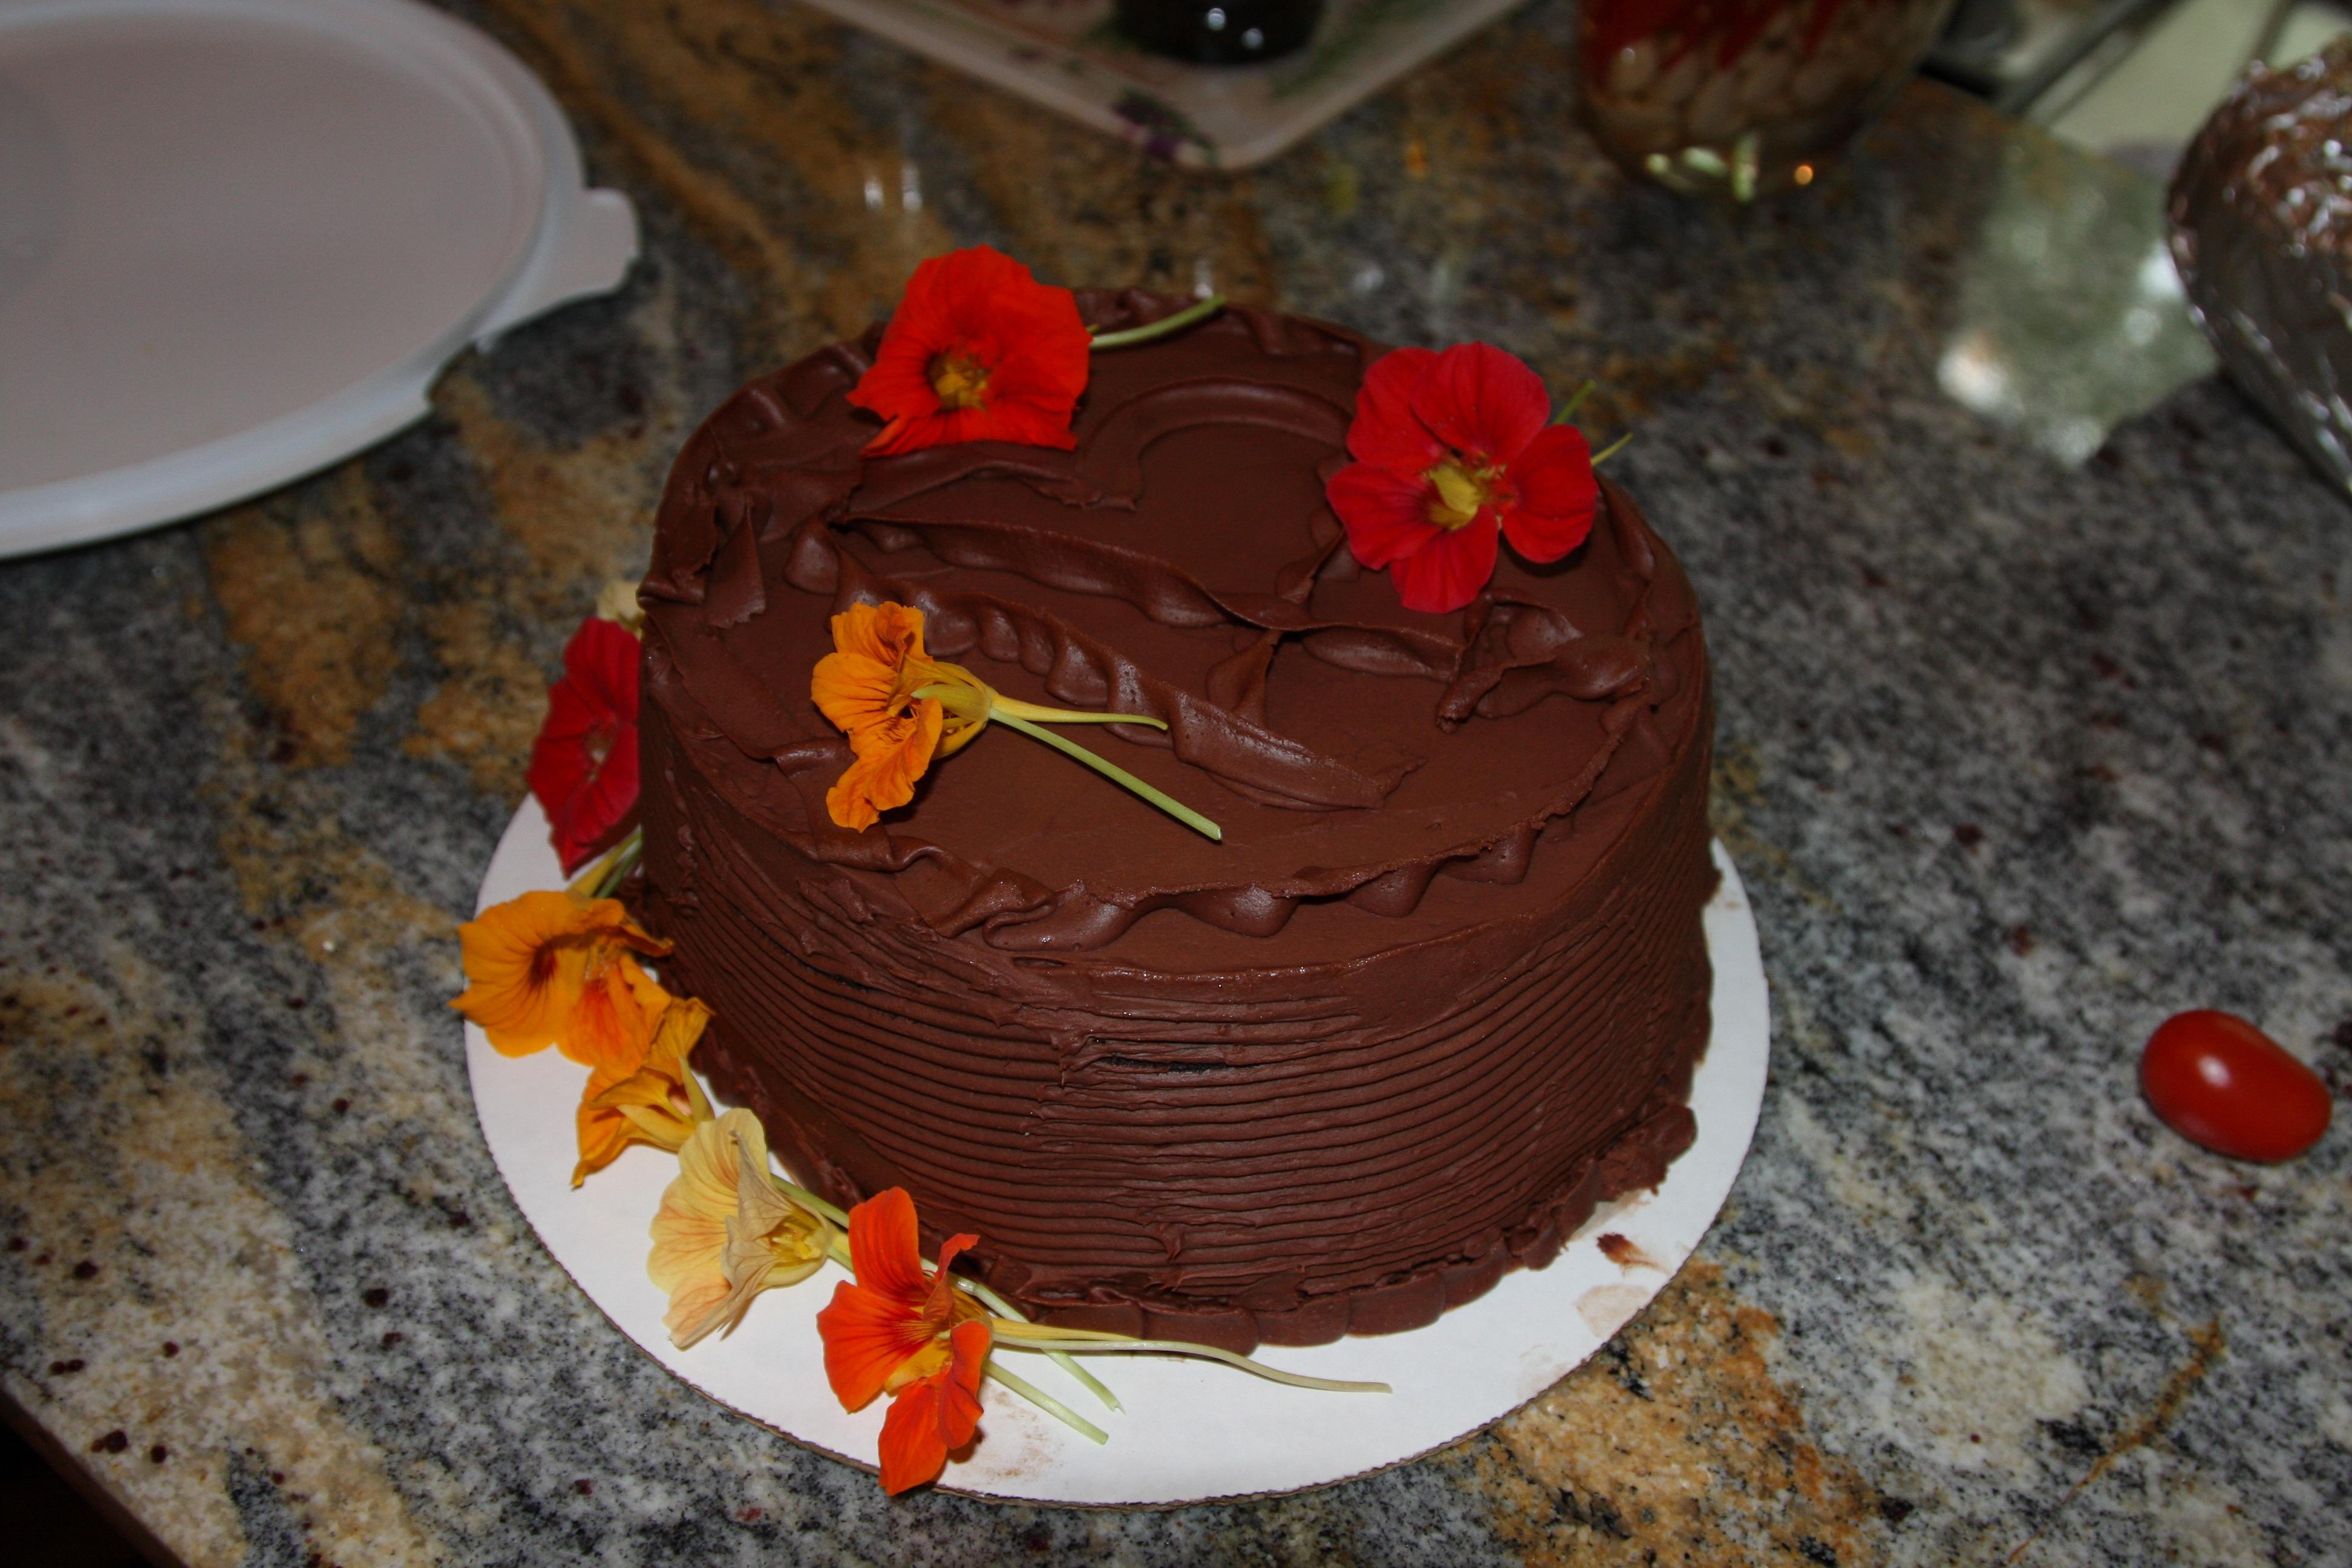 dulce celebracion comida chocolate postre pastel pastel de cumpleaos pastel de chocolate formacin de hielo cumpleaos